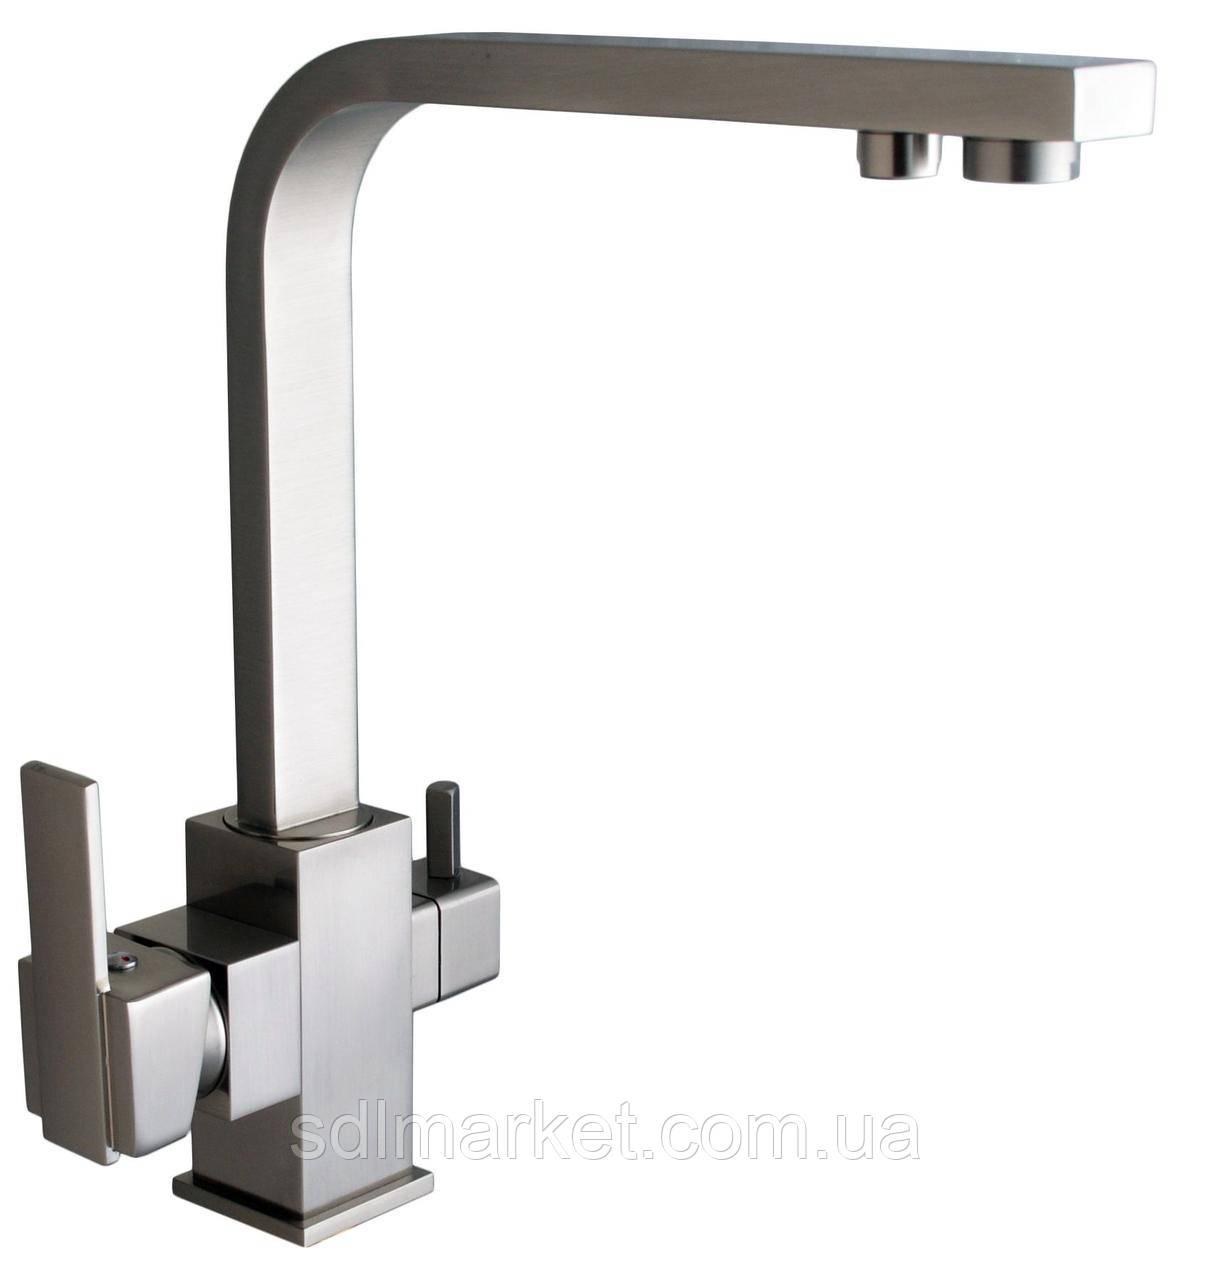 Смеситель кухонный Globus Lux LAZER GLLR-0111 комбинированный